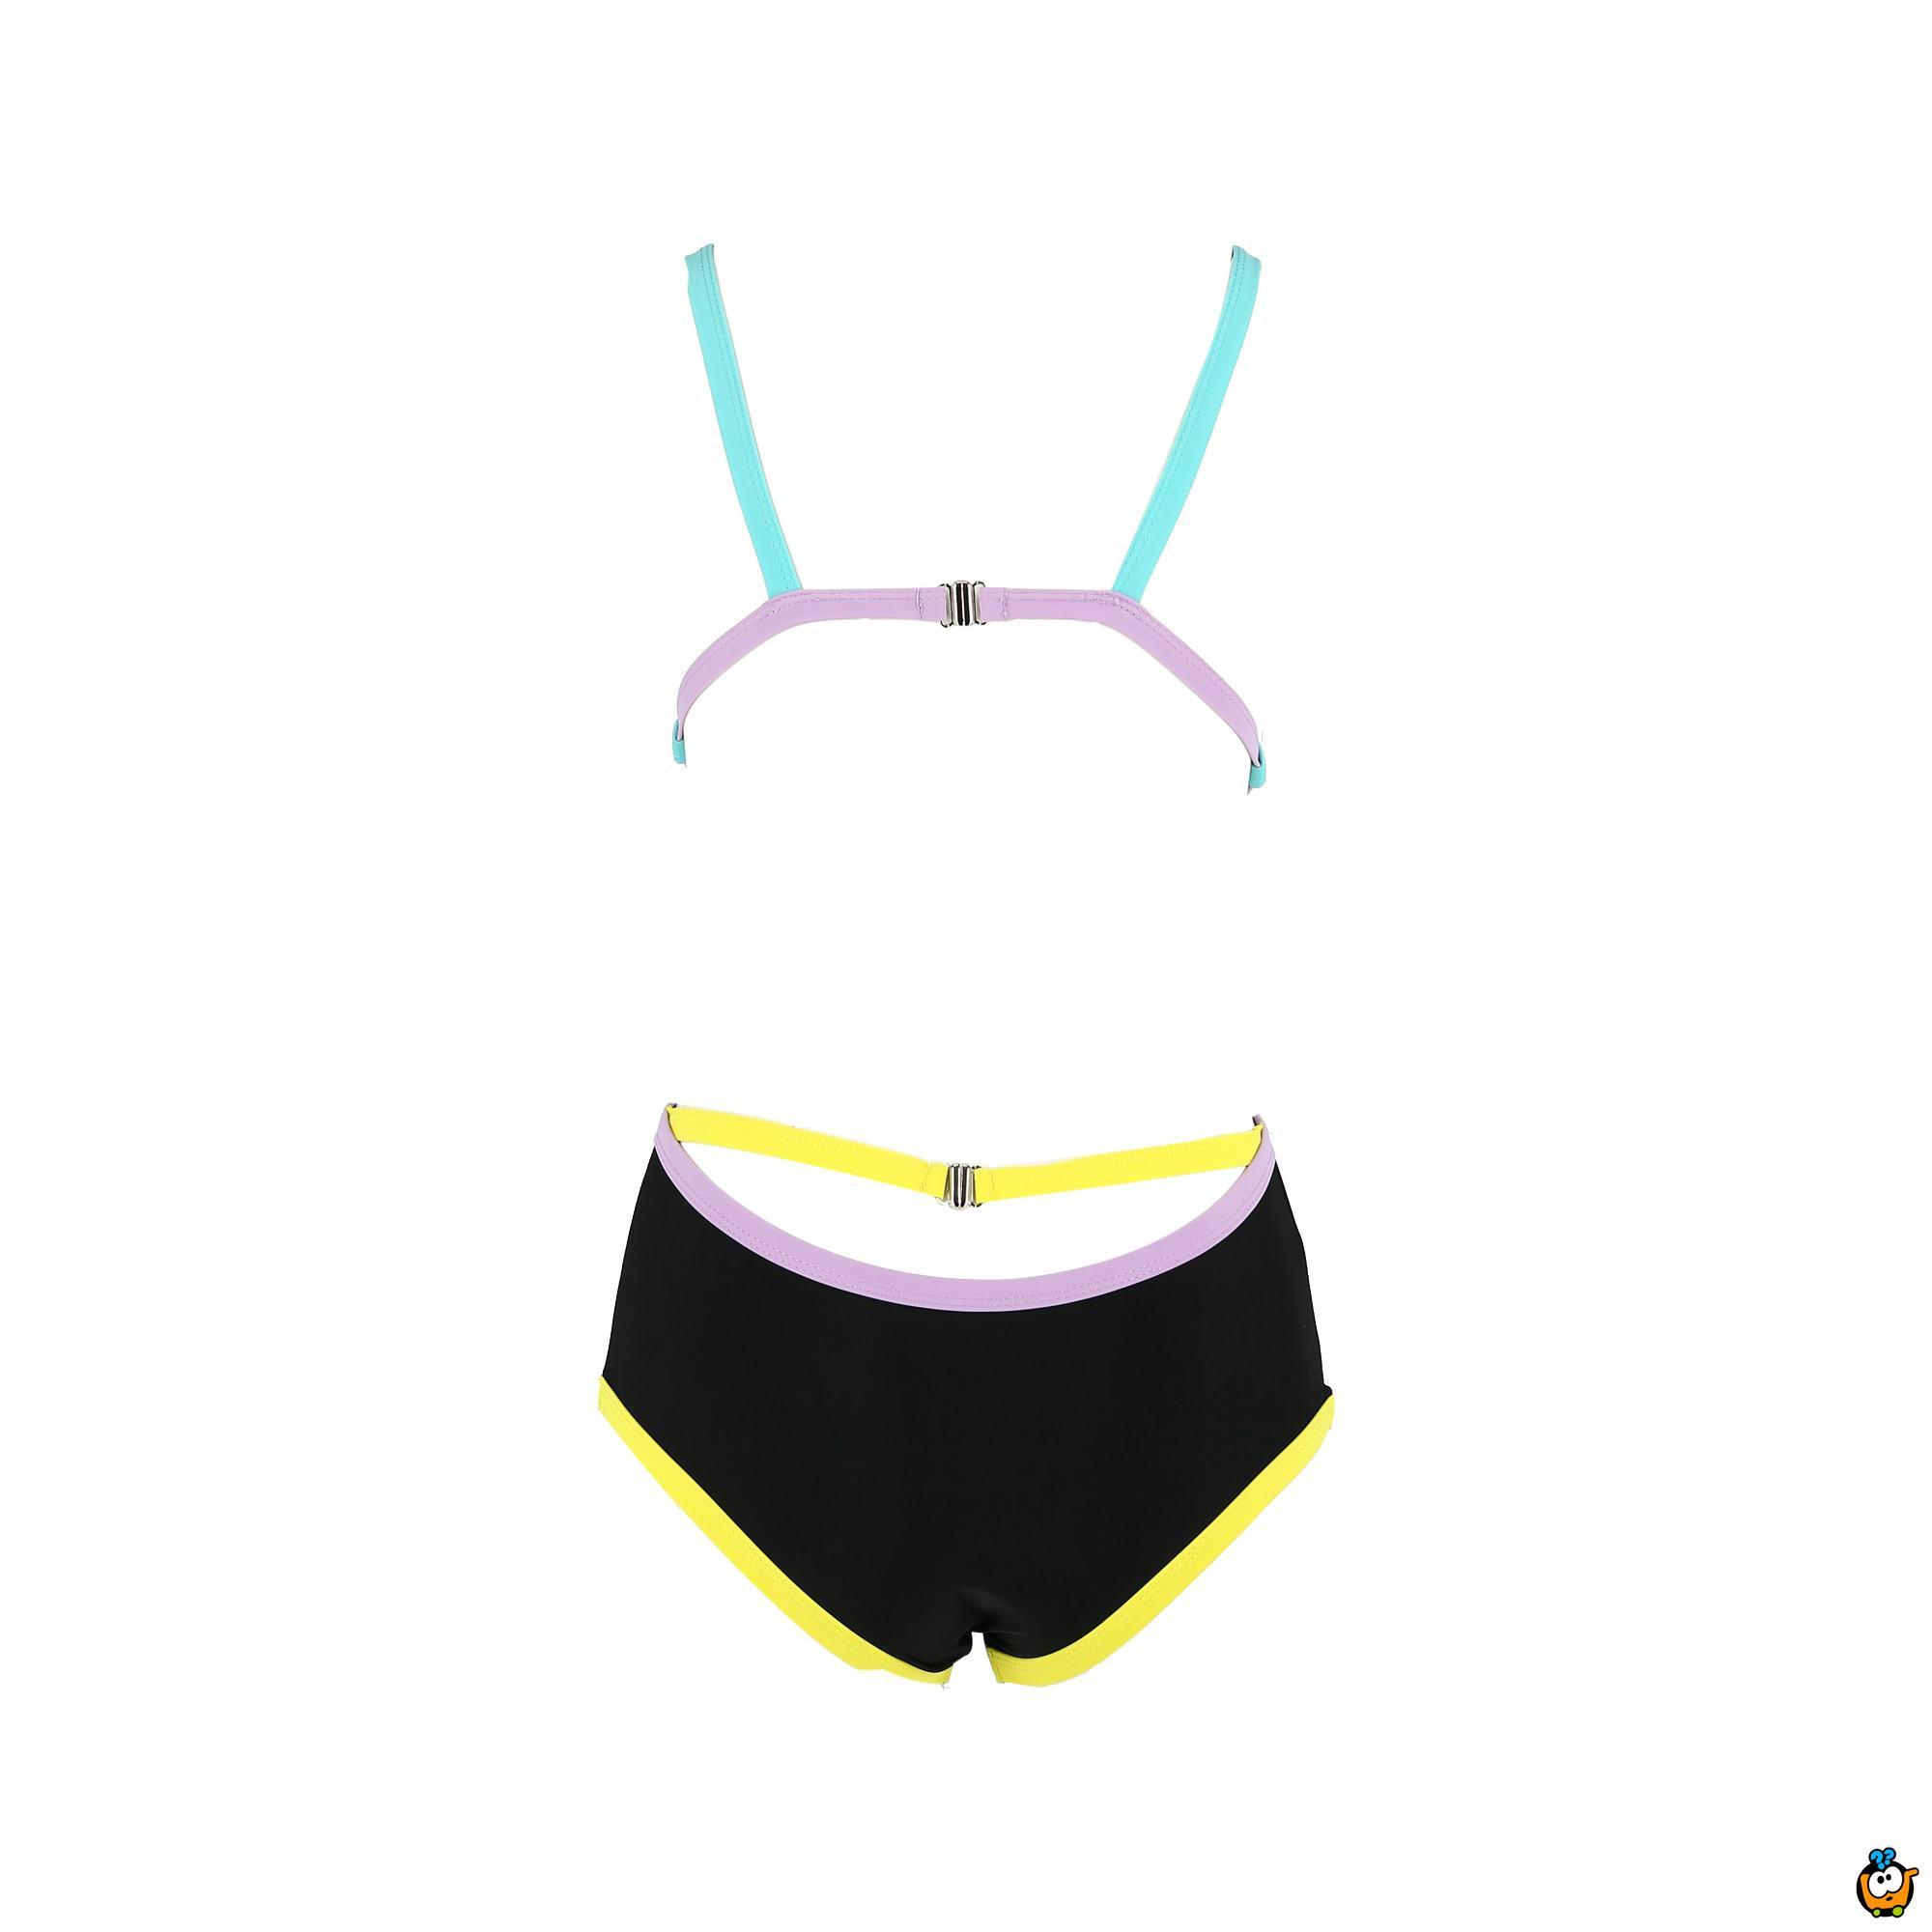 Jednodelni ženski kupaći kostim - SPACE BIKINI